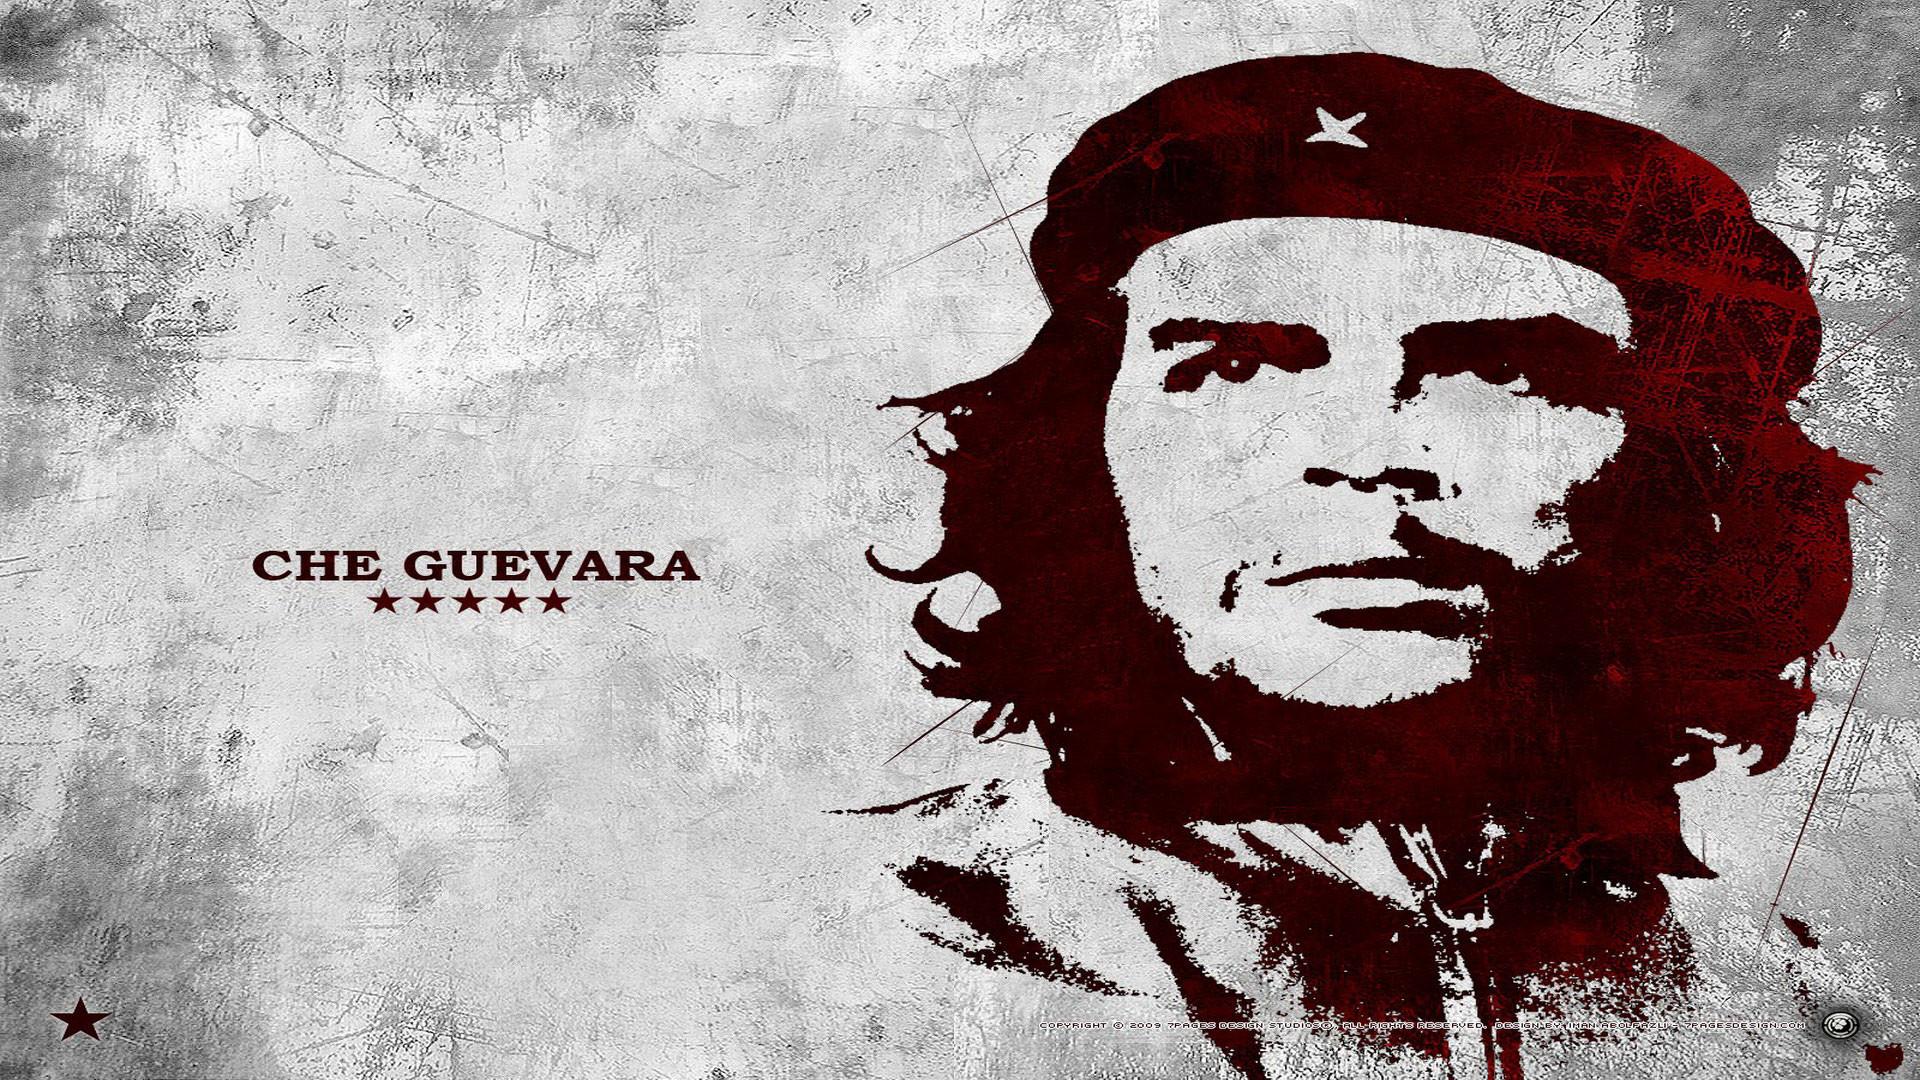 Che guevara wallpapers wallpapertag - Che guevara hd pics ...